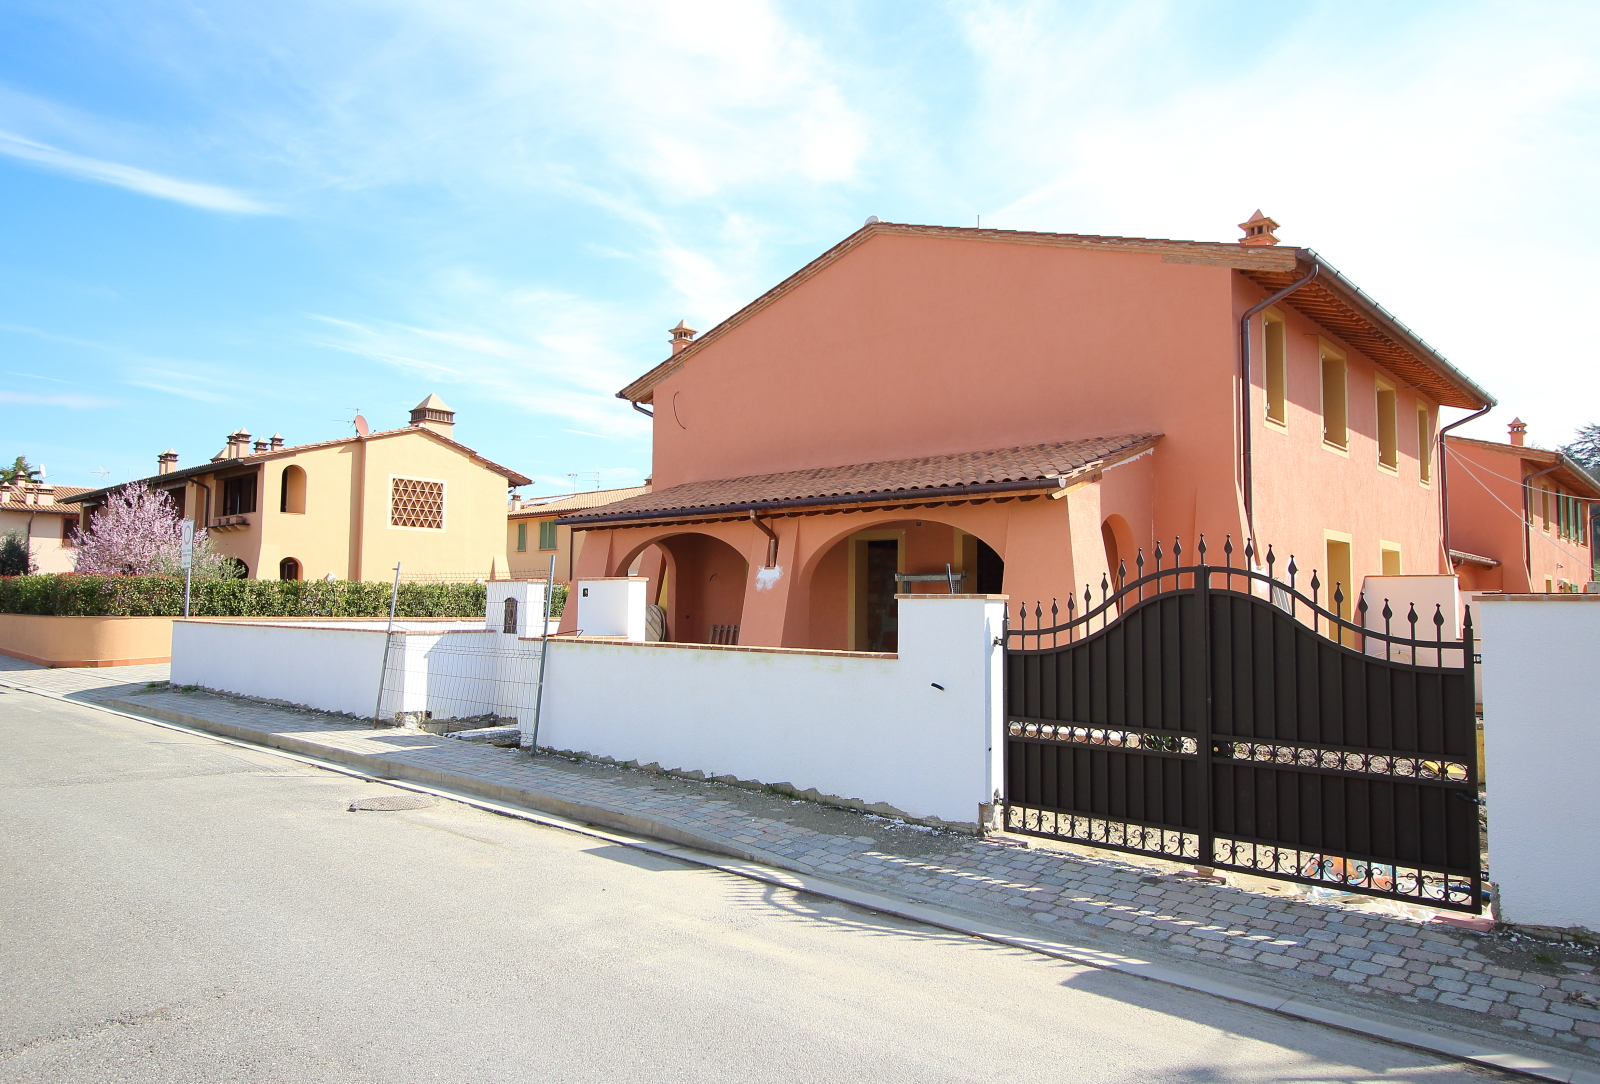 Villetta bifamiliare in vendita, rif. 62